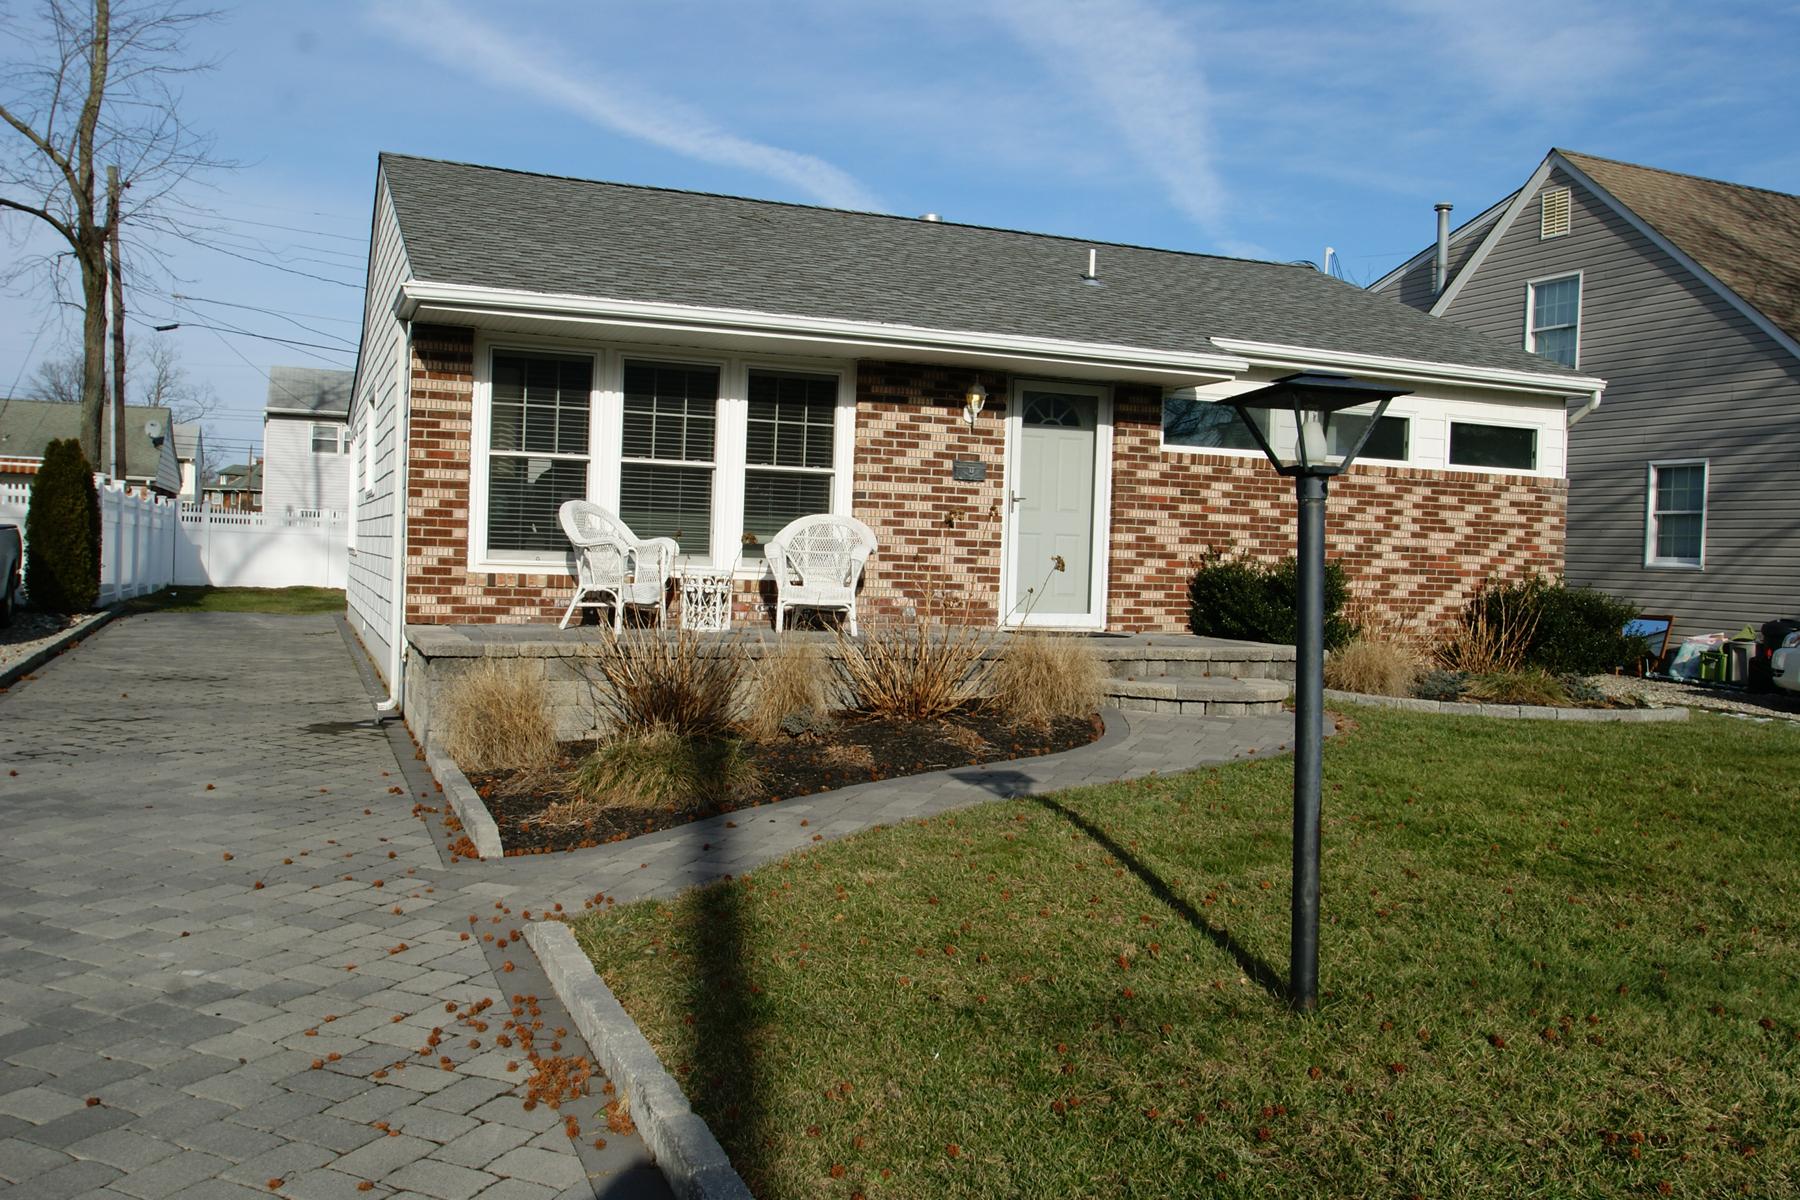 Maison unifamiliale pour l Vente à Southern Section of Point 415 Carter Ave Point Pleasant Beach, New Jersey 08742 États-Unis